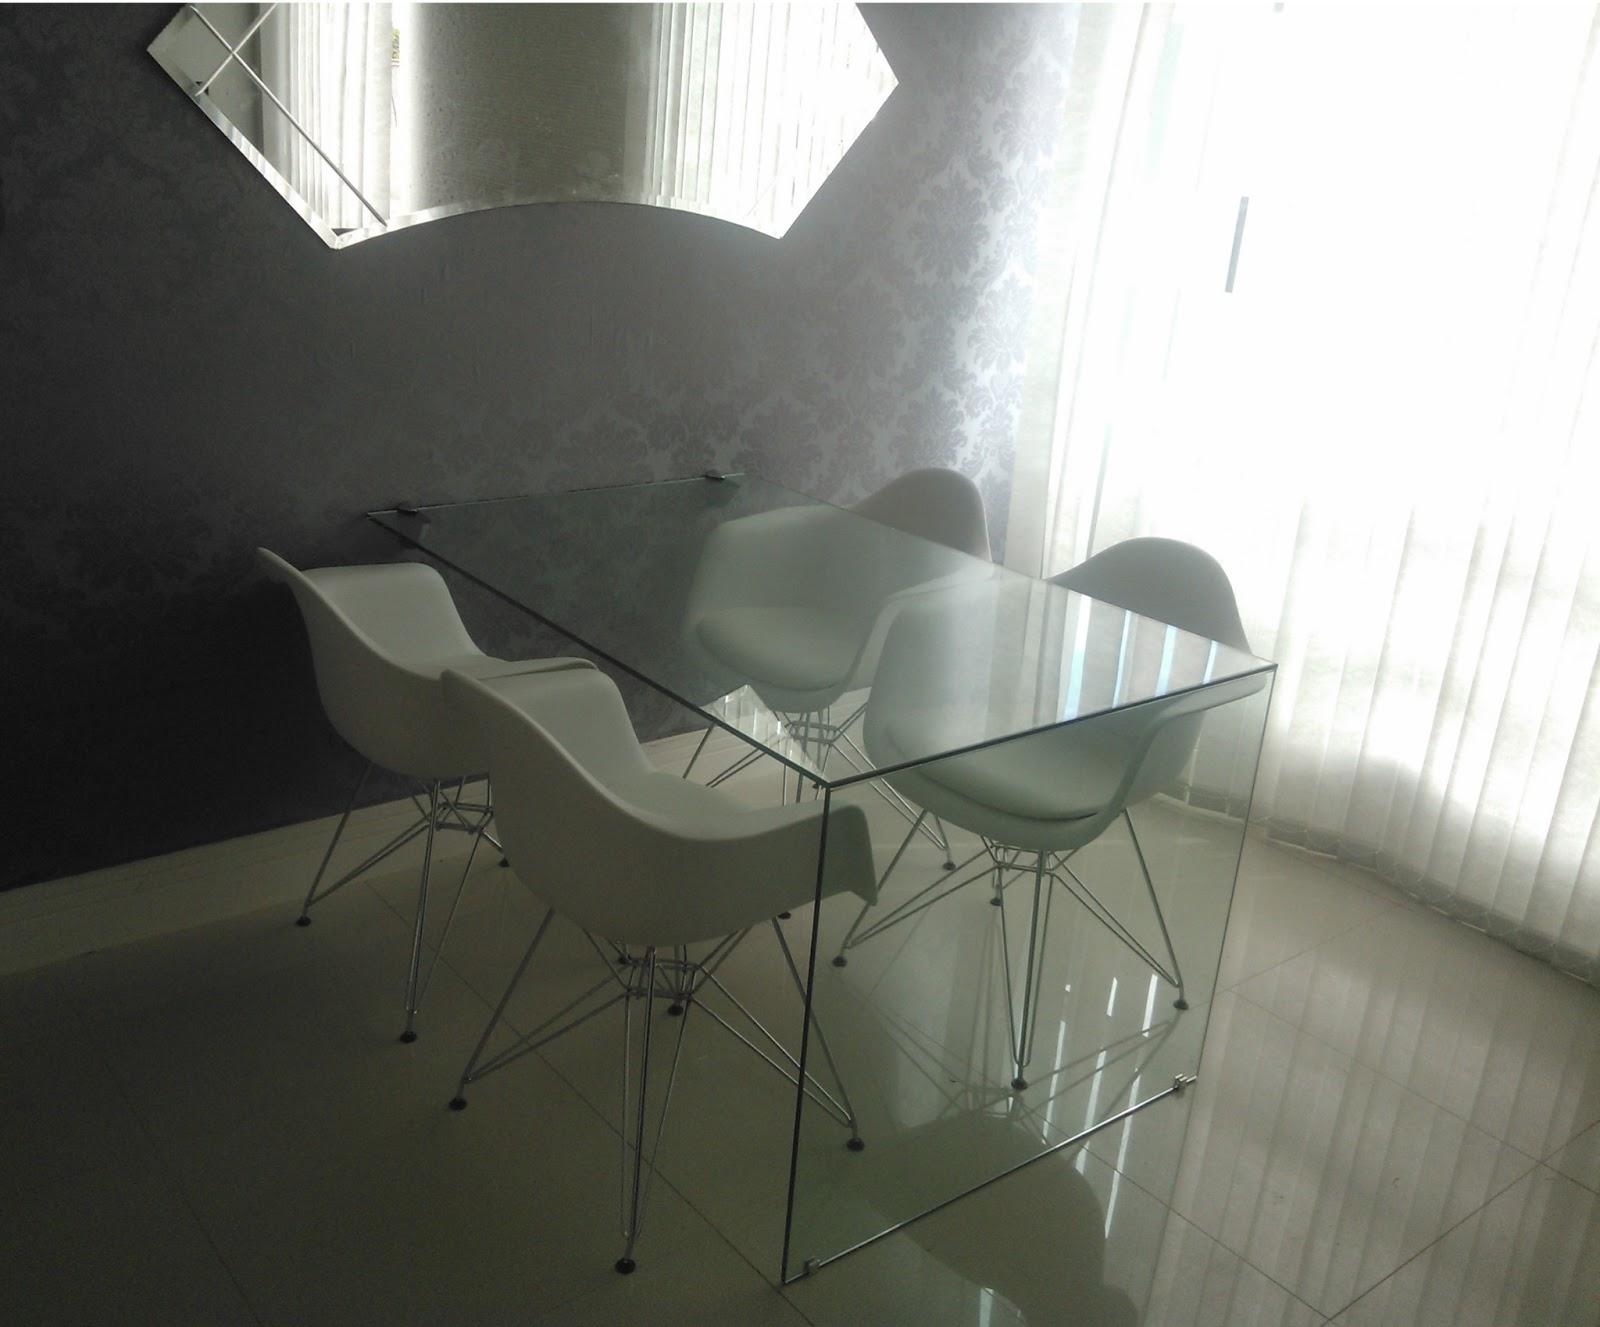 Sala Pequena Com Mesa De Vidro ~ sala+jantar+com+mesa+de+vidro+e+tecido+colado+na+paredejpg